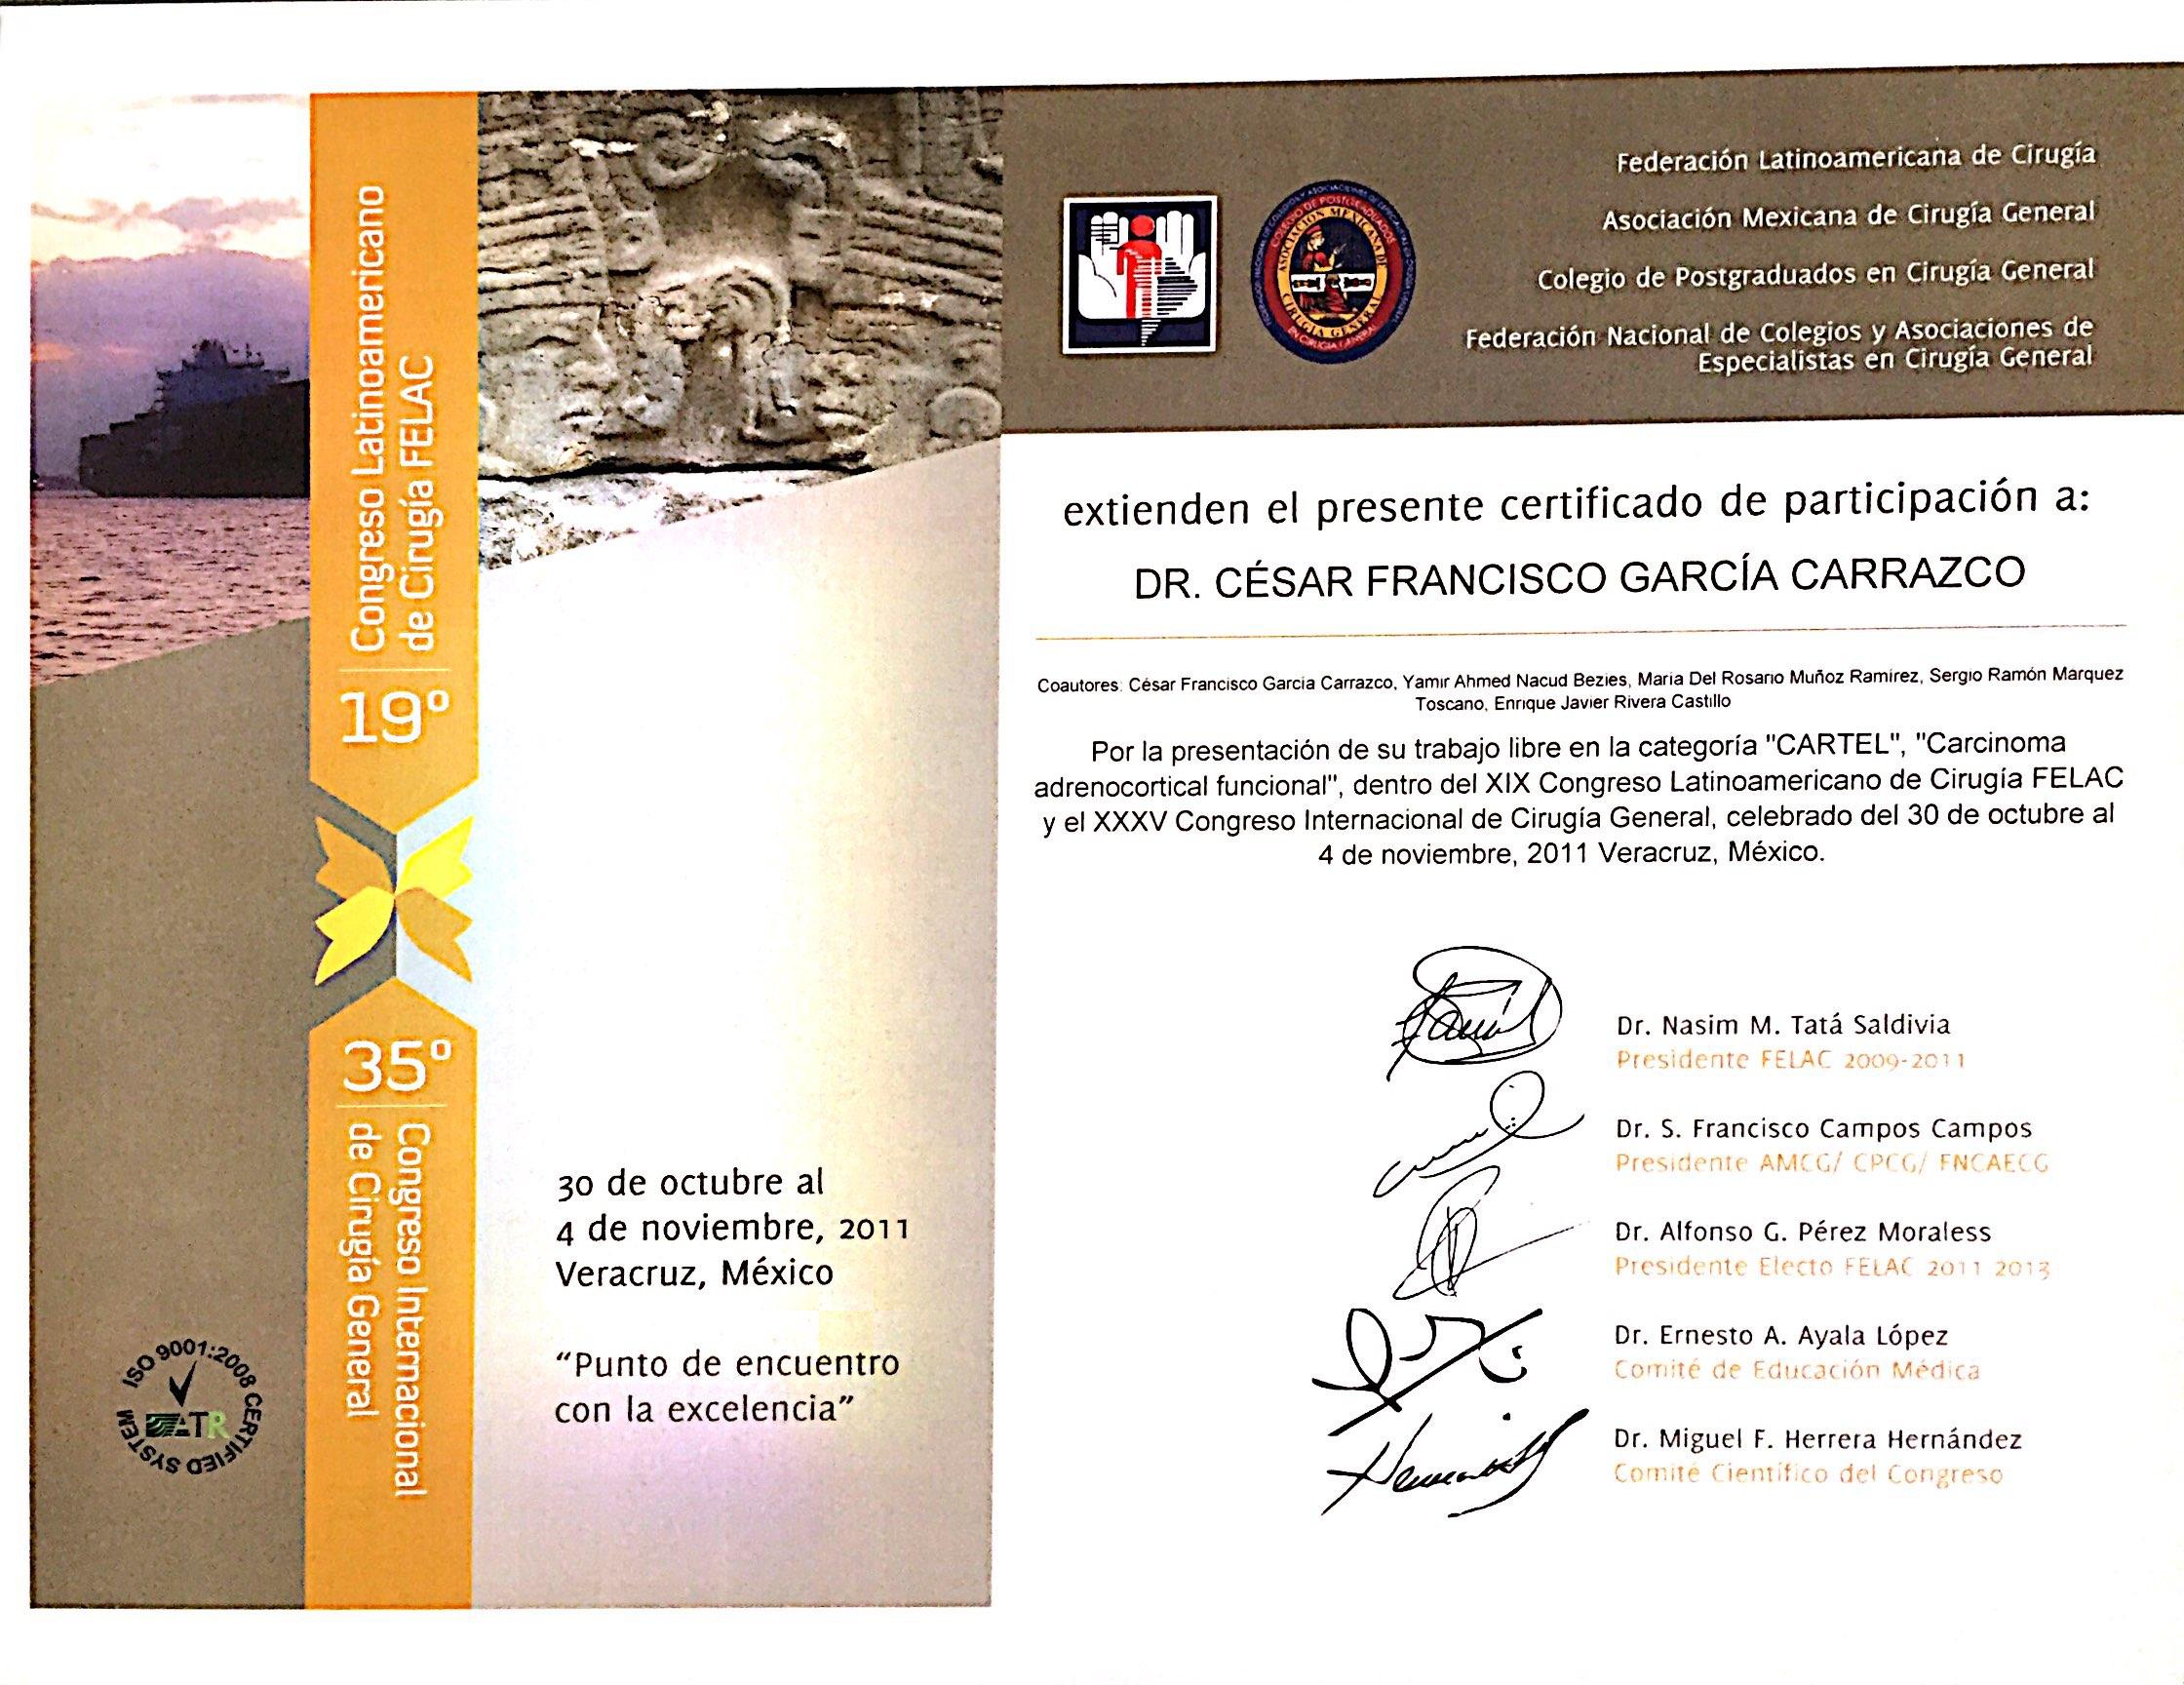 Dr. Garcia Carrazco_67